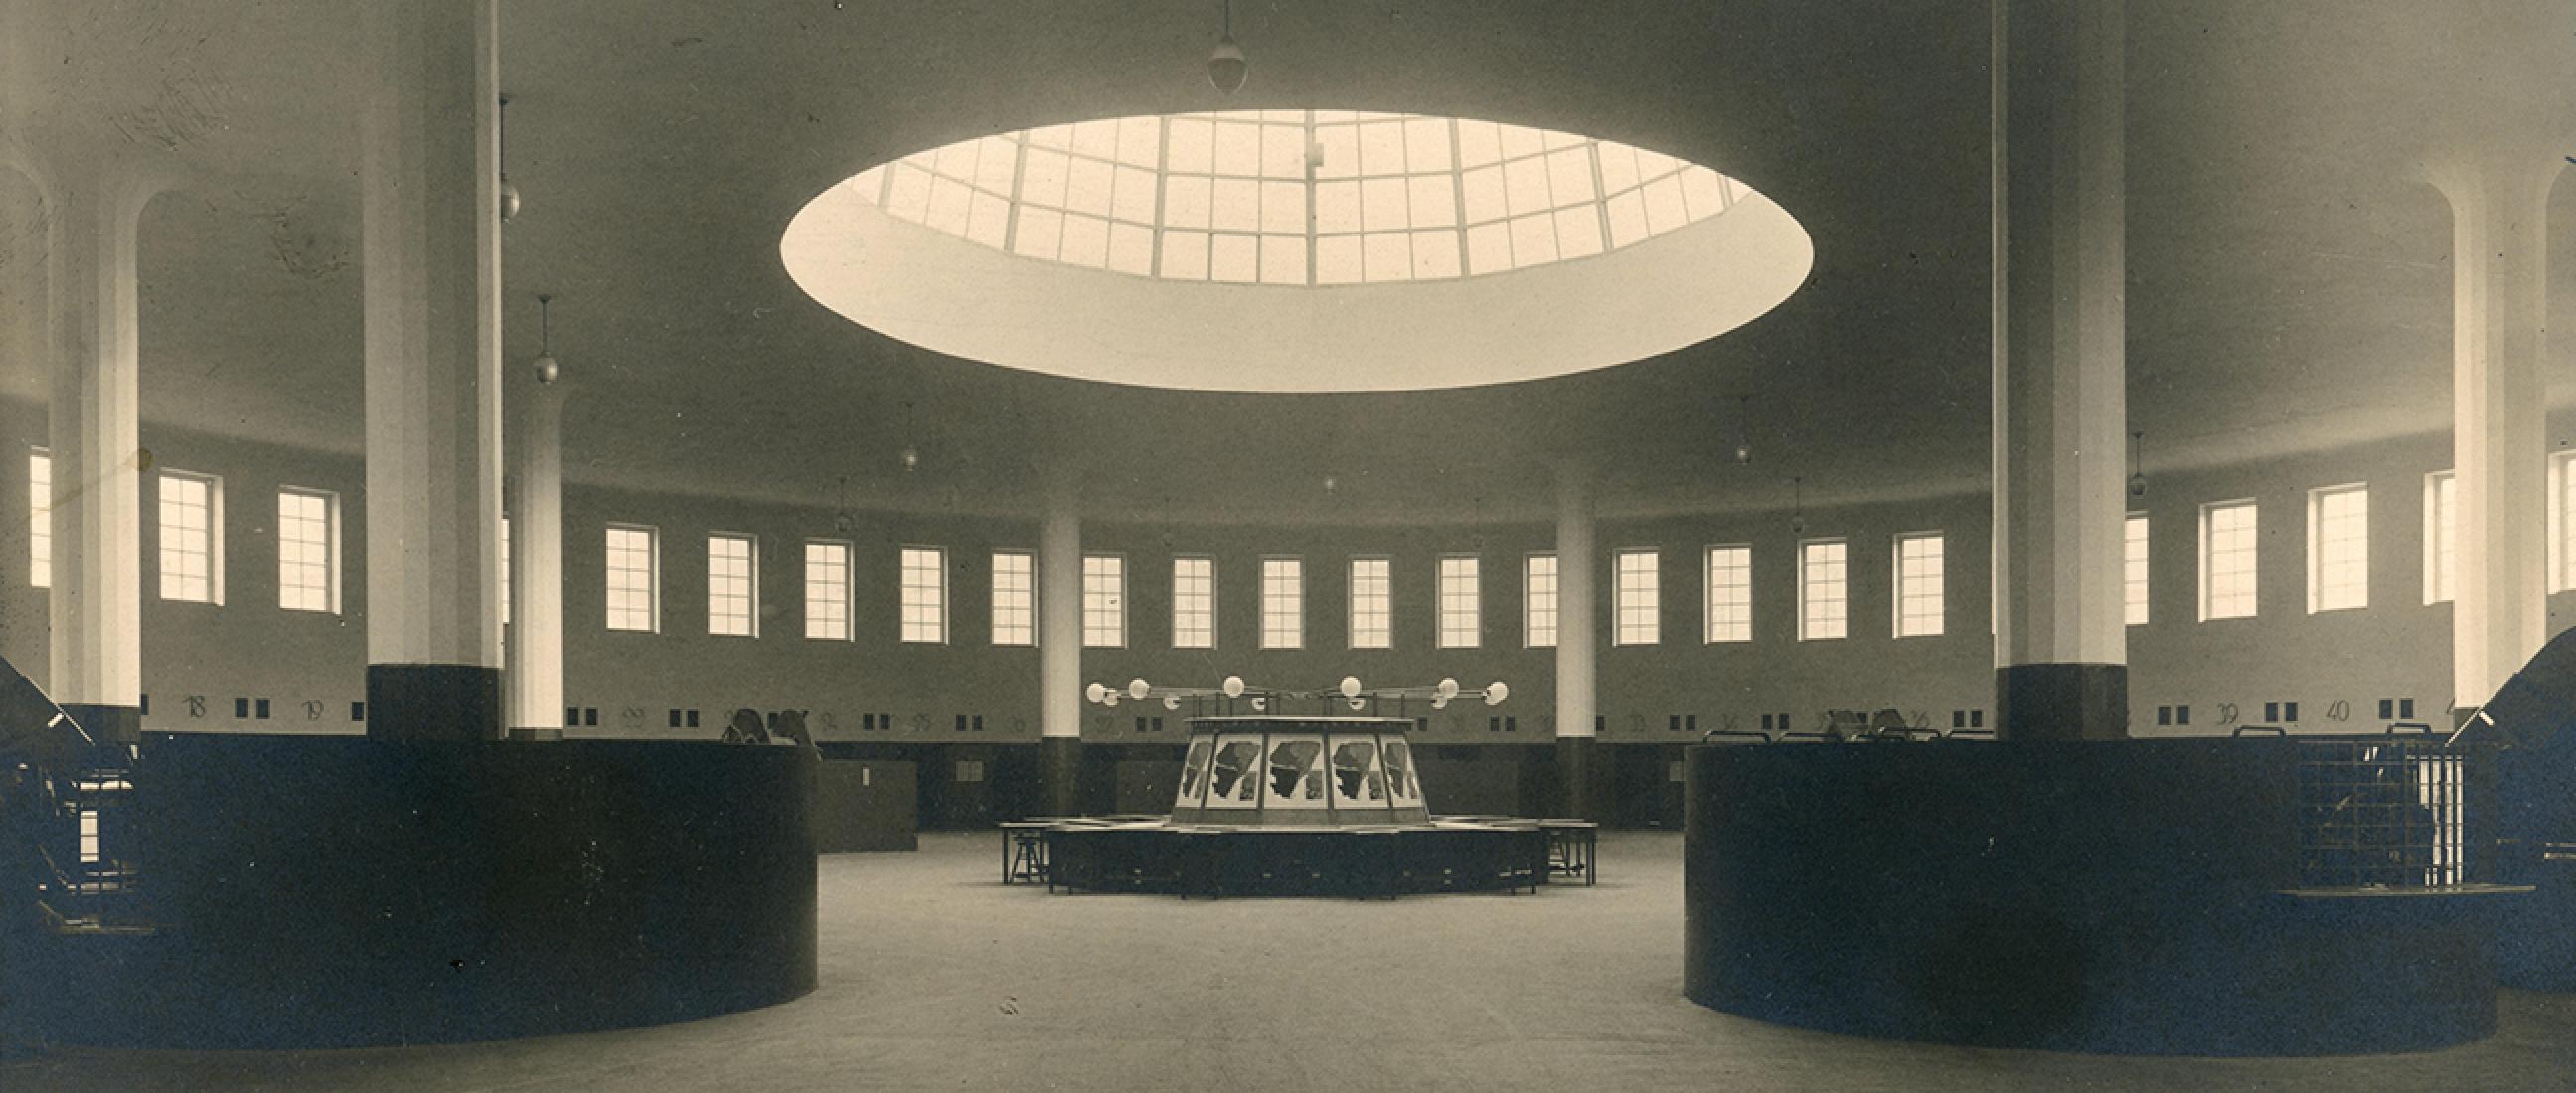 Rotunde: Paketverteil- und Verladehalle, ca. 1929 © Museumsstiftung Post und Telekommunikation